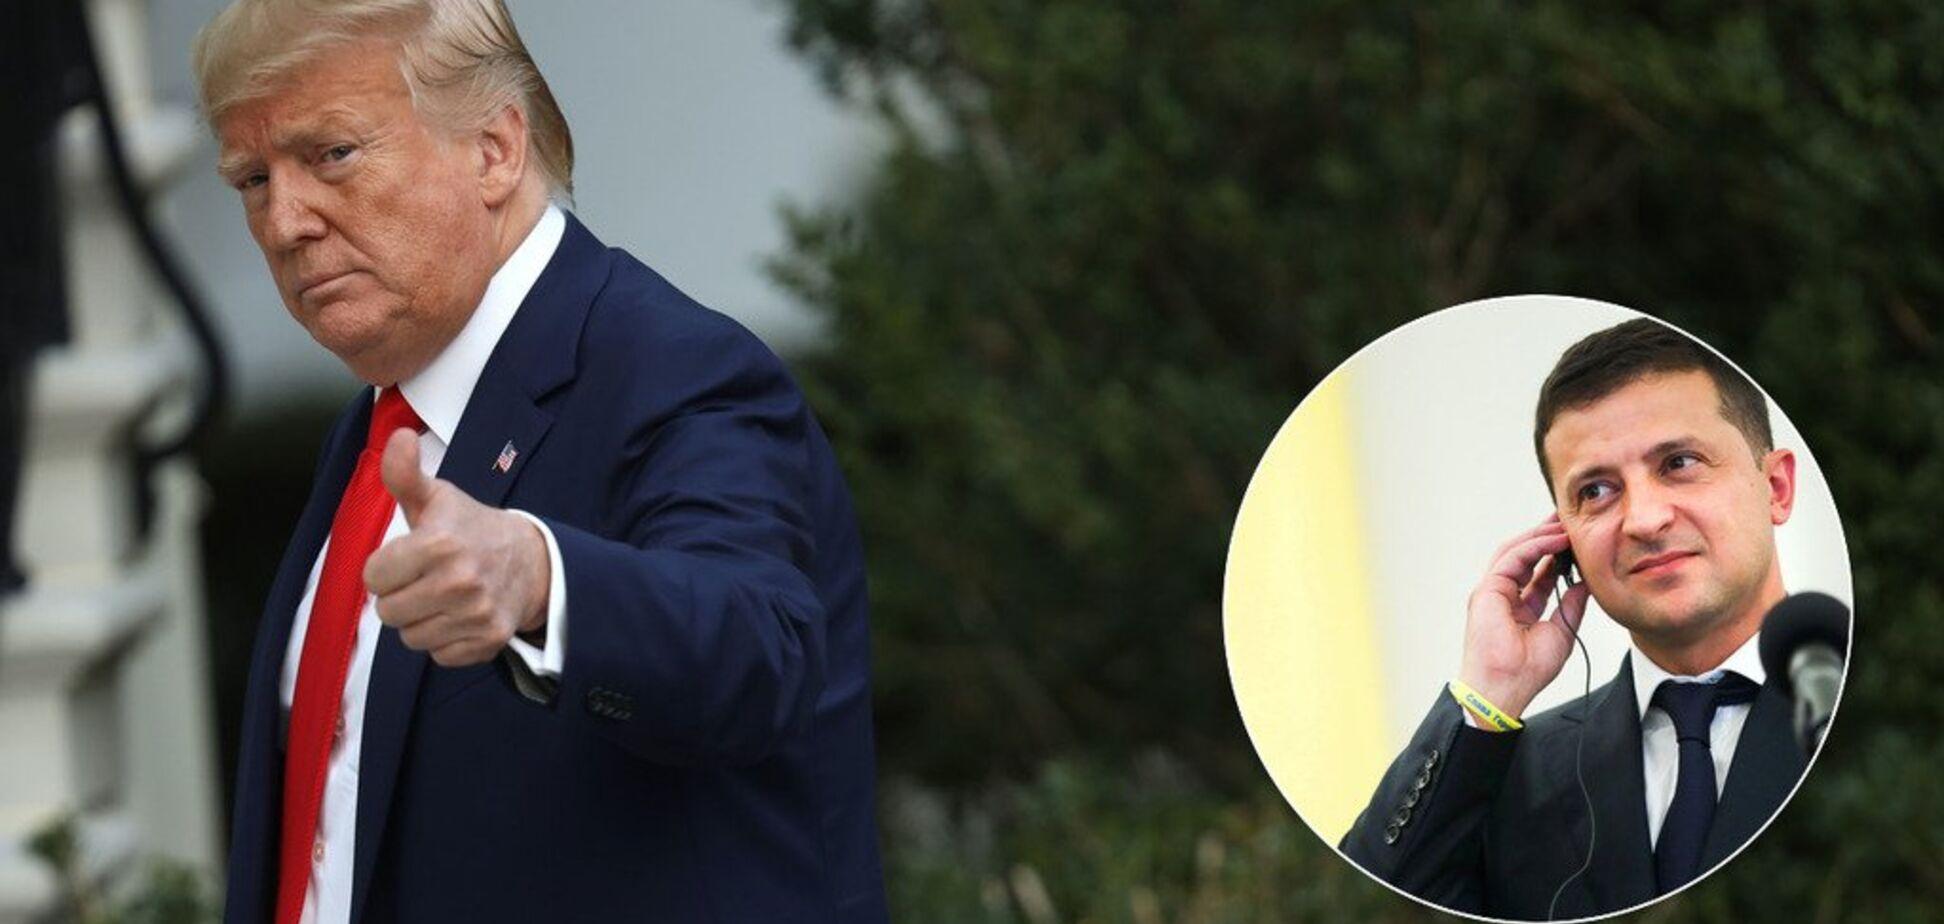 Тайные переписки с Зеленским: как в США из-за Украины разгорелся новый скандал